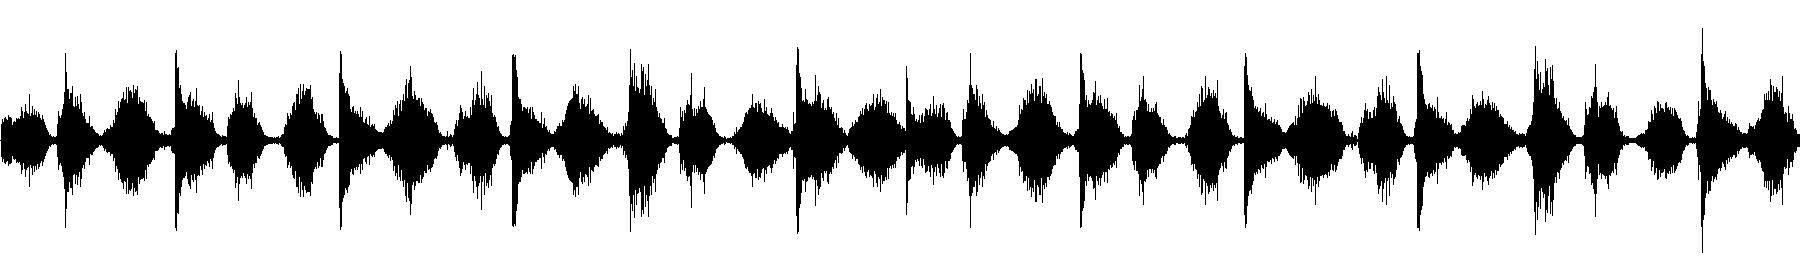 ehp percloop 130 13